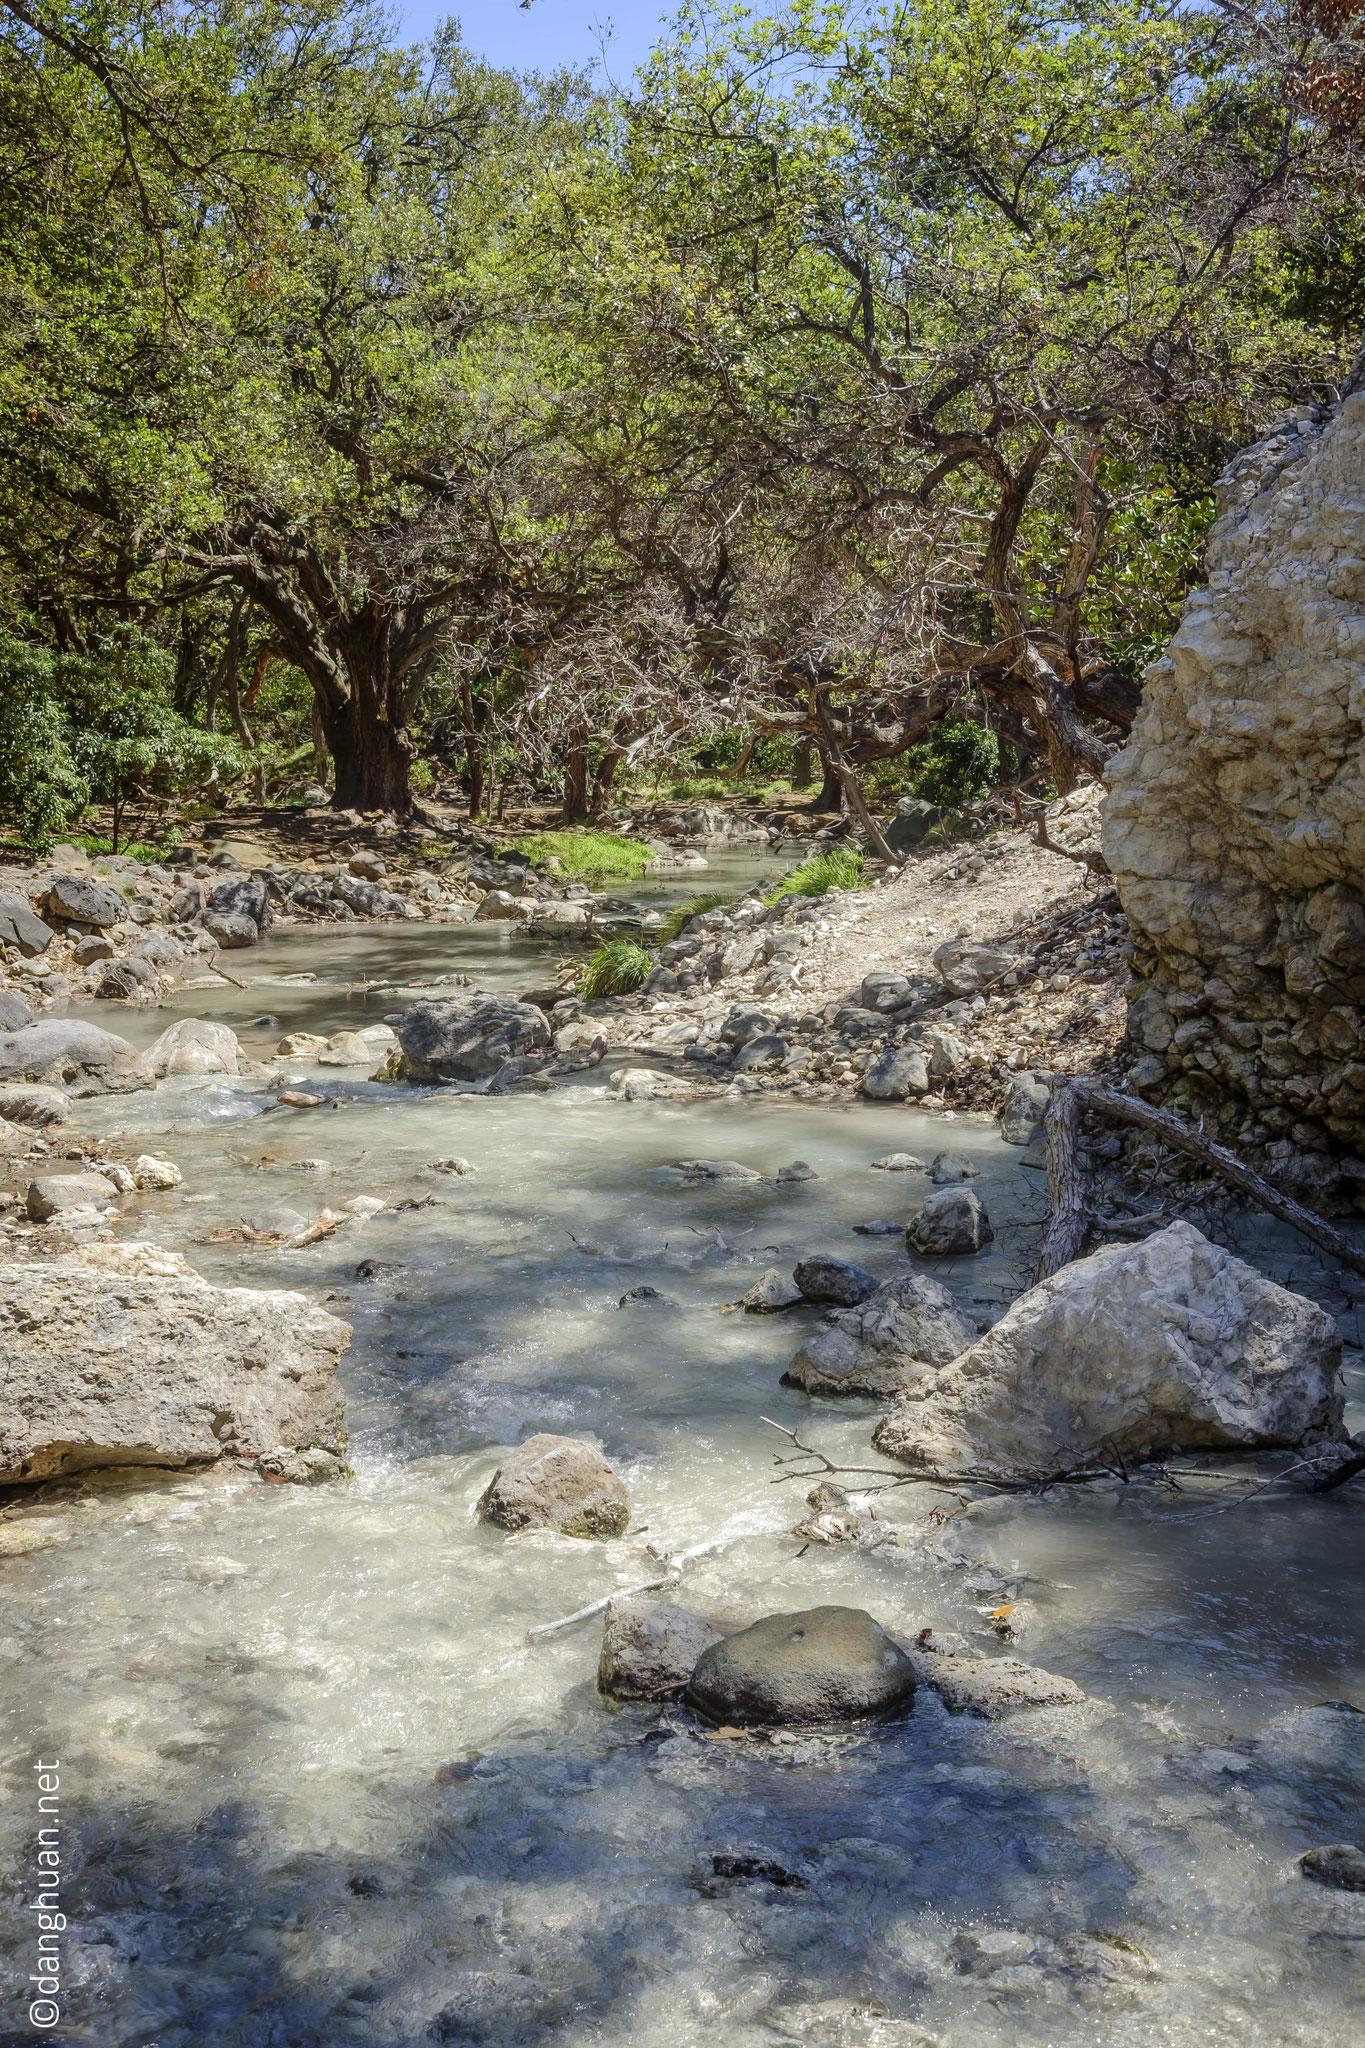 Piscines thermales naturelles dans le parc